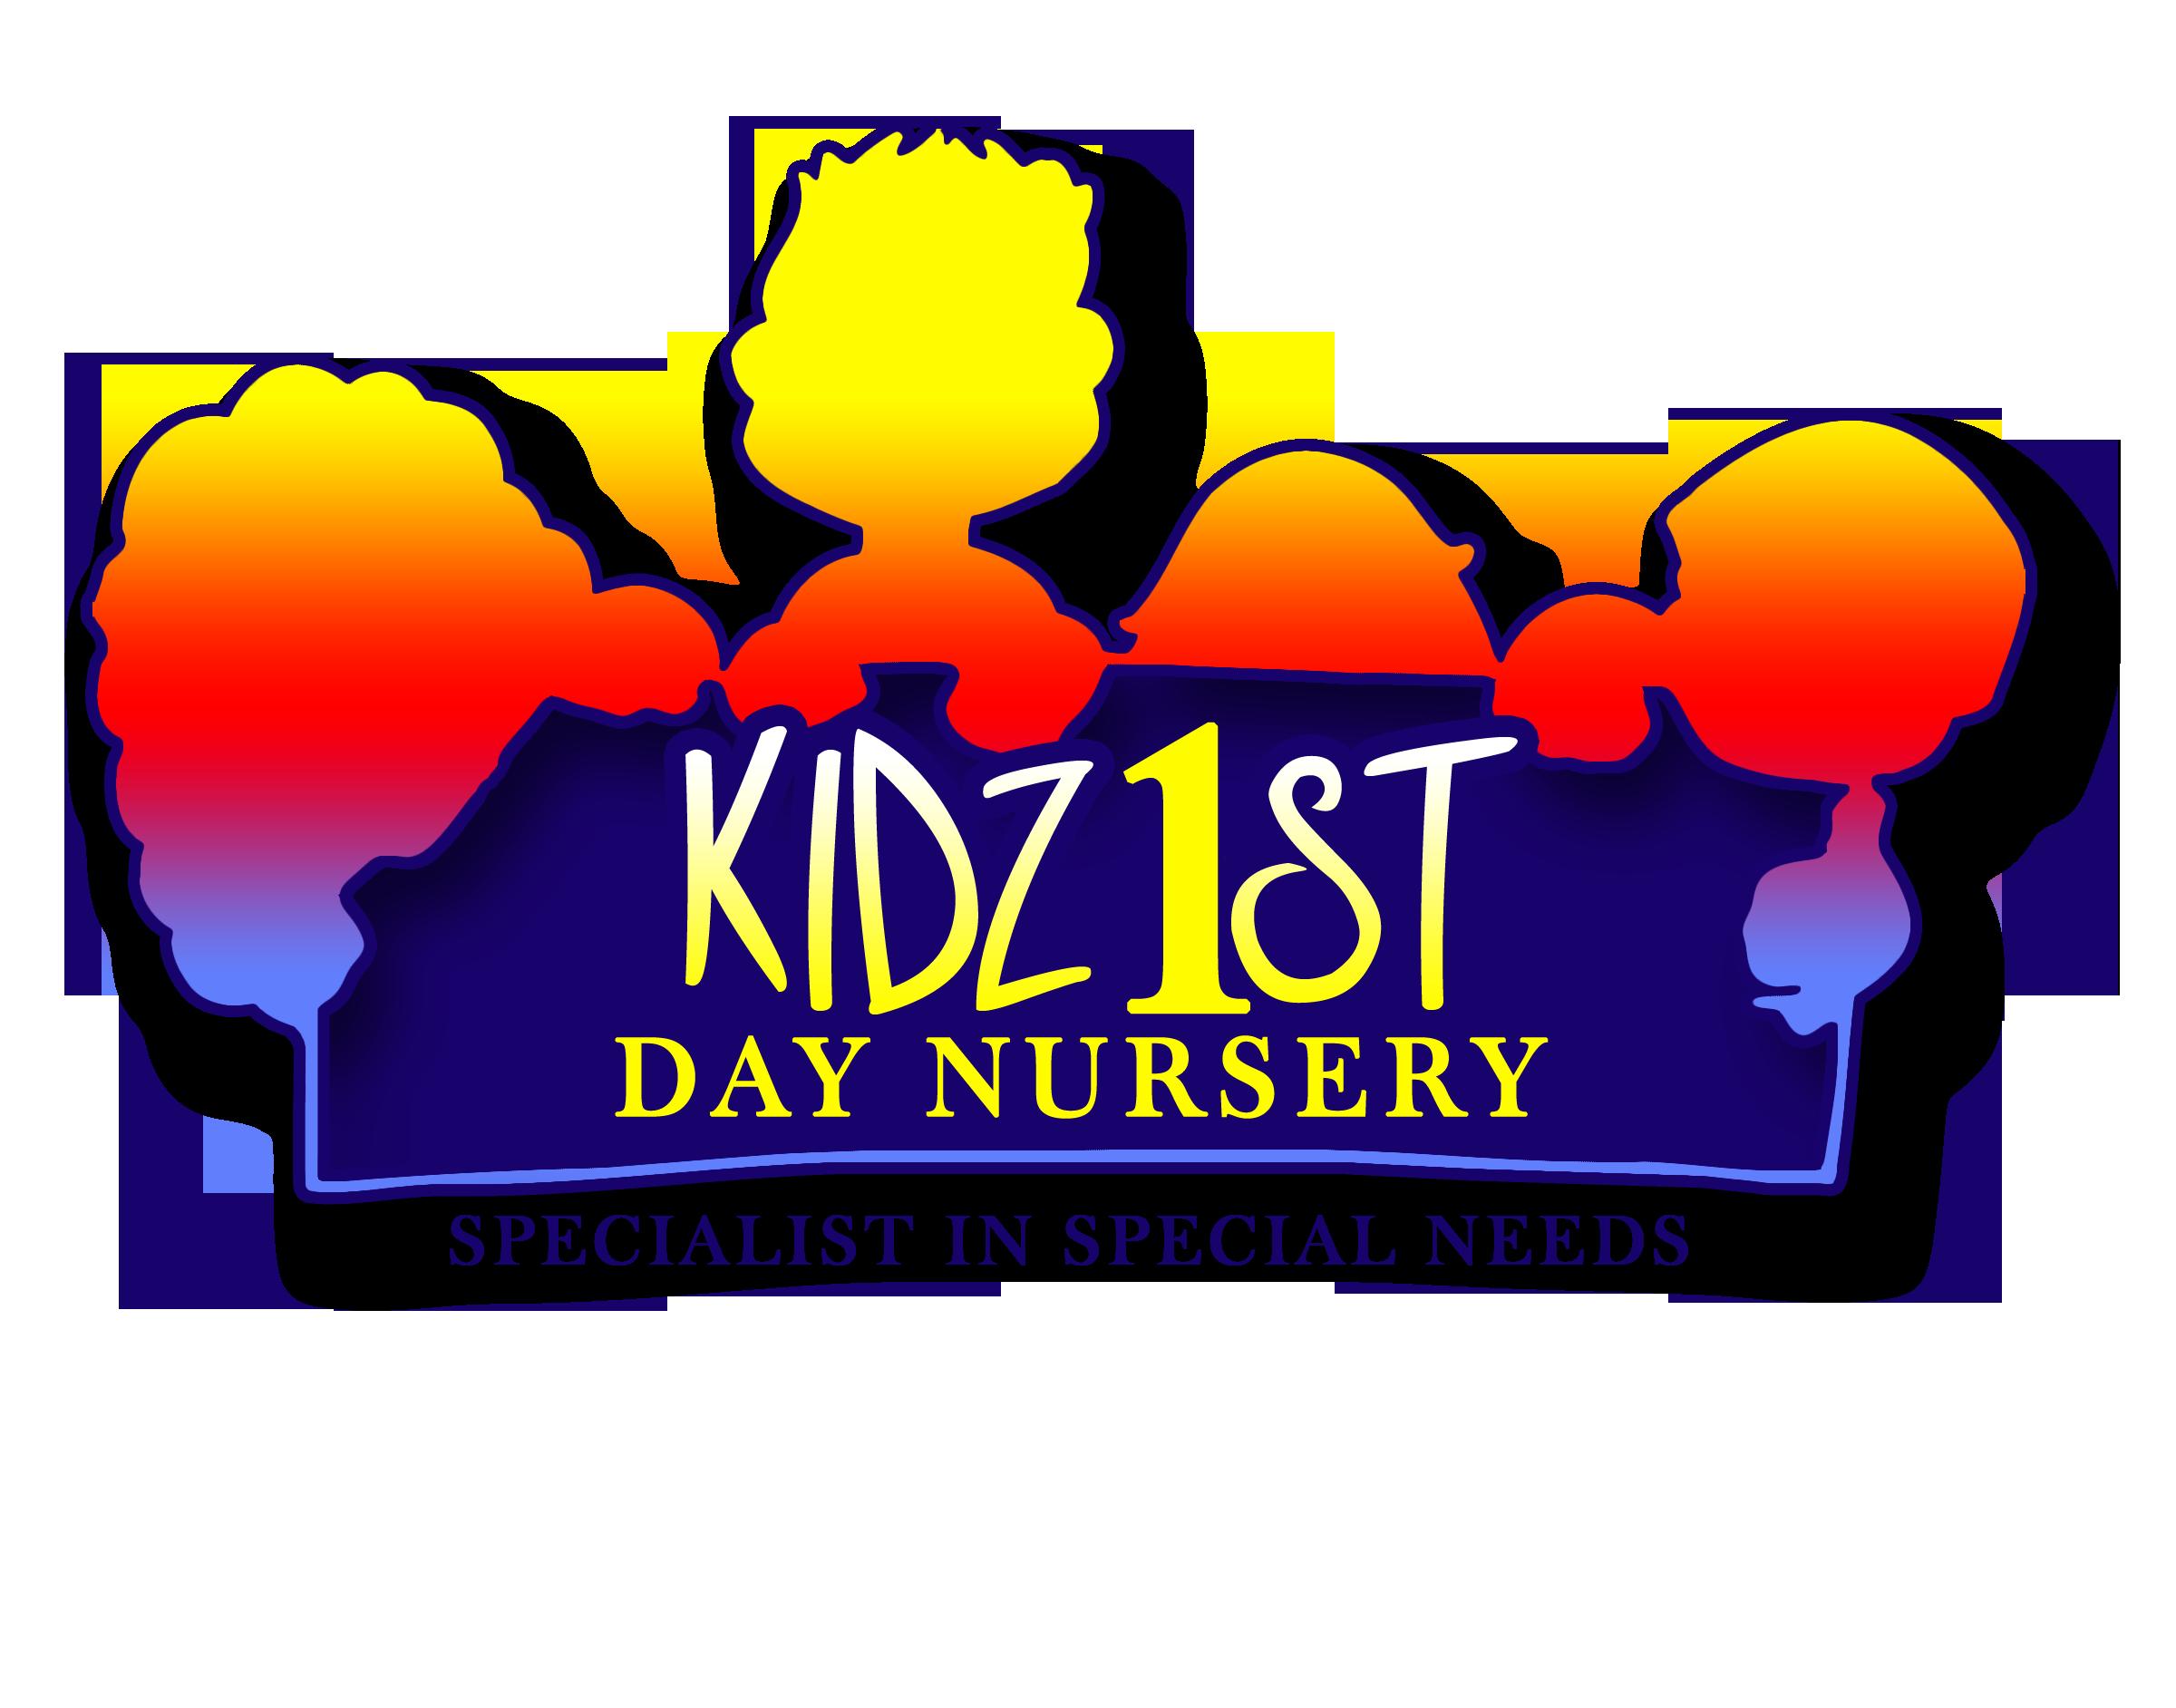 Kidz 1st Day Nursery